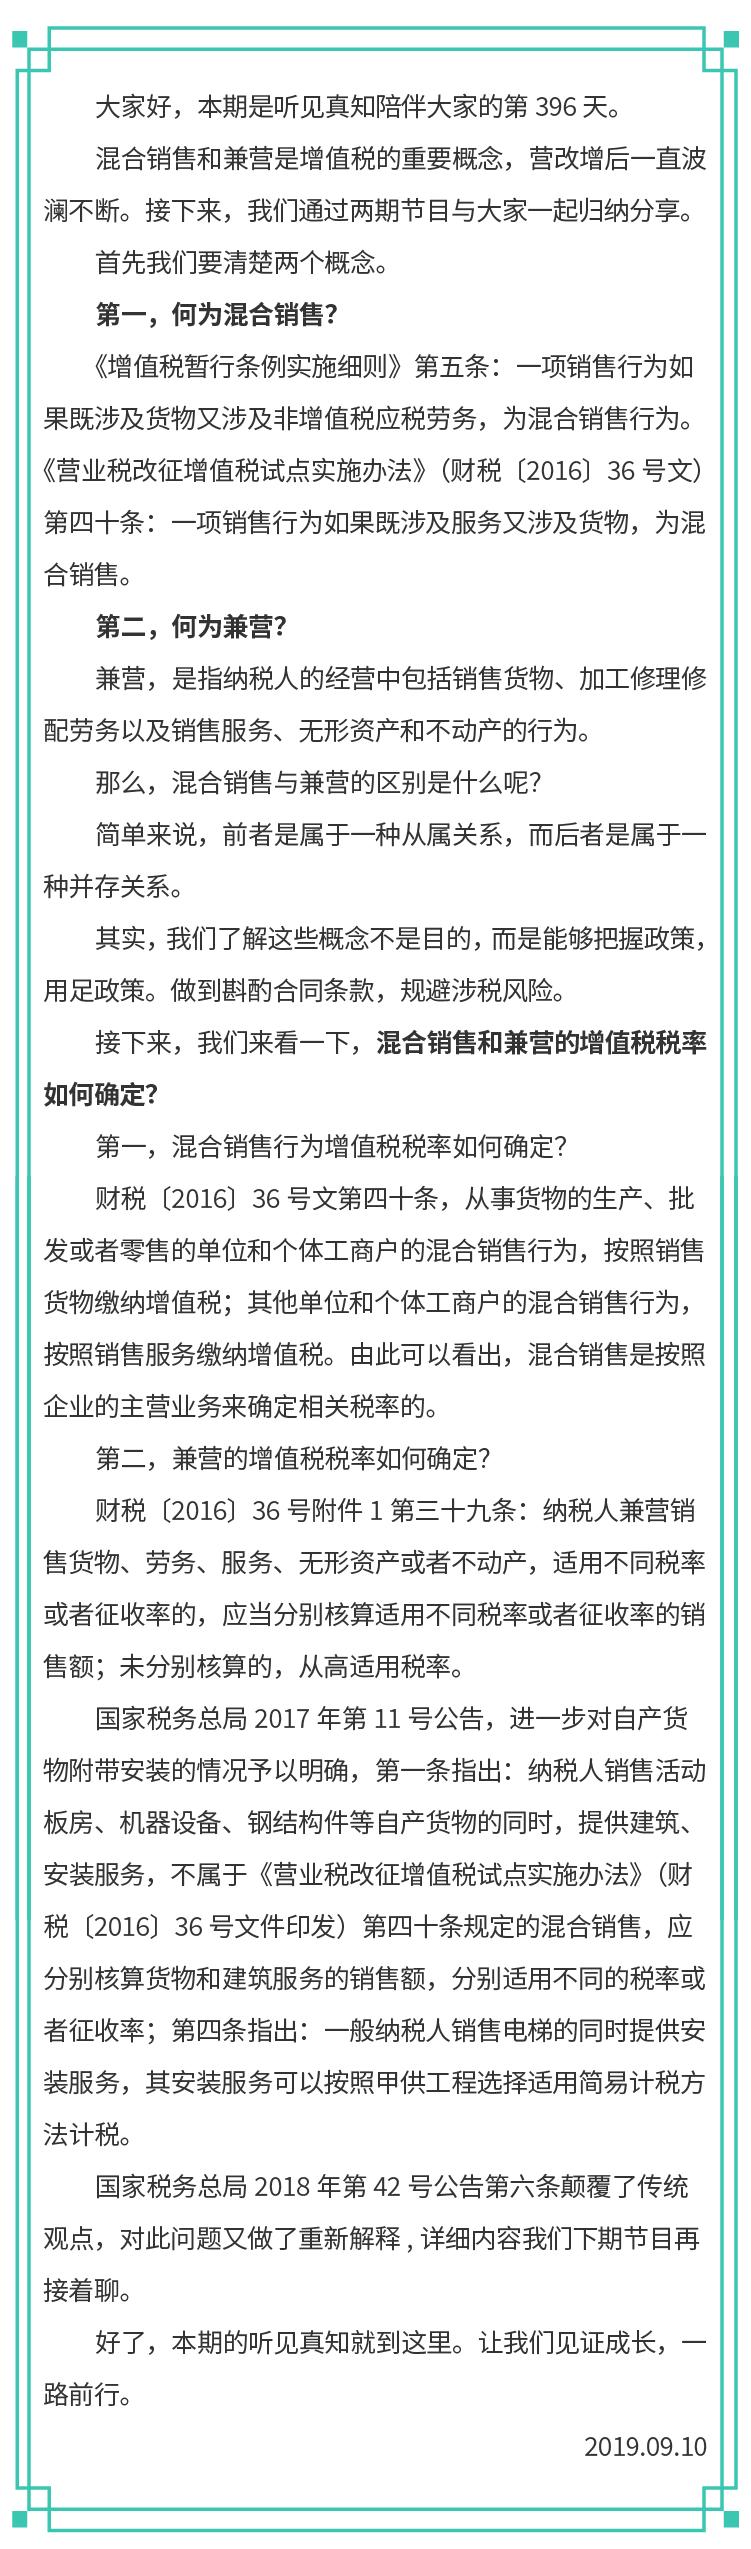 听见真知_0910_听见真知_课程详情.png